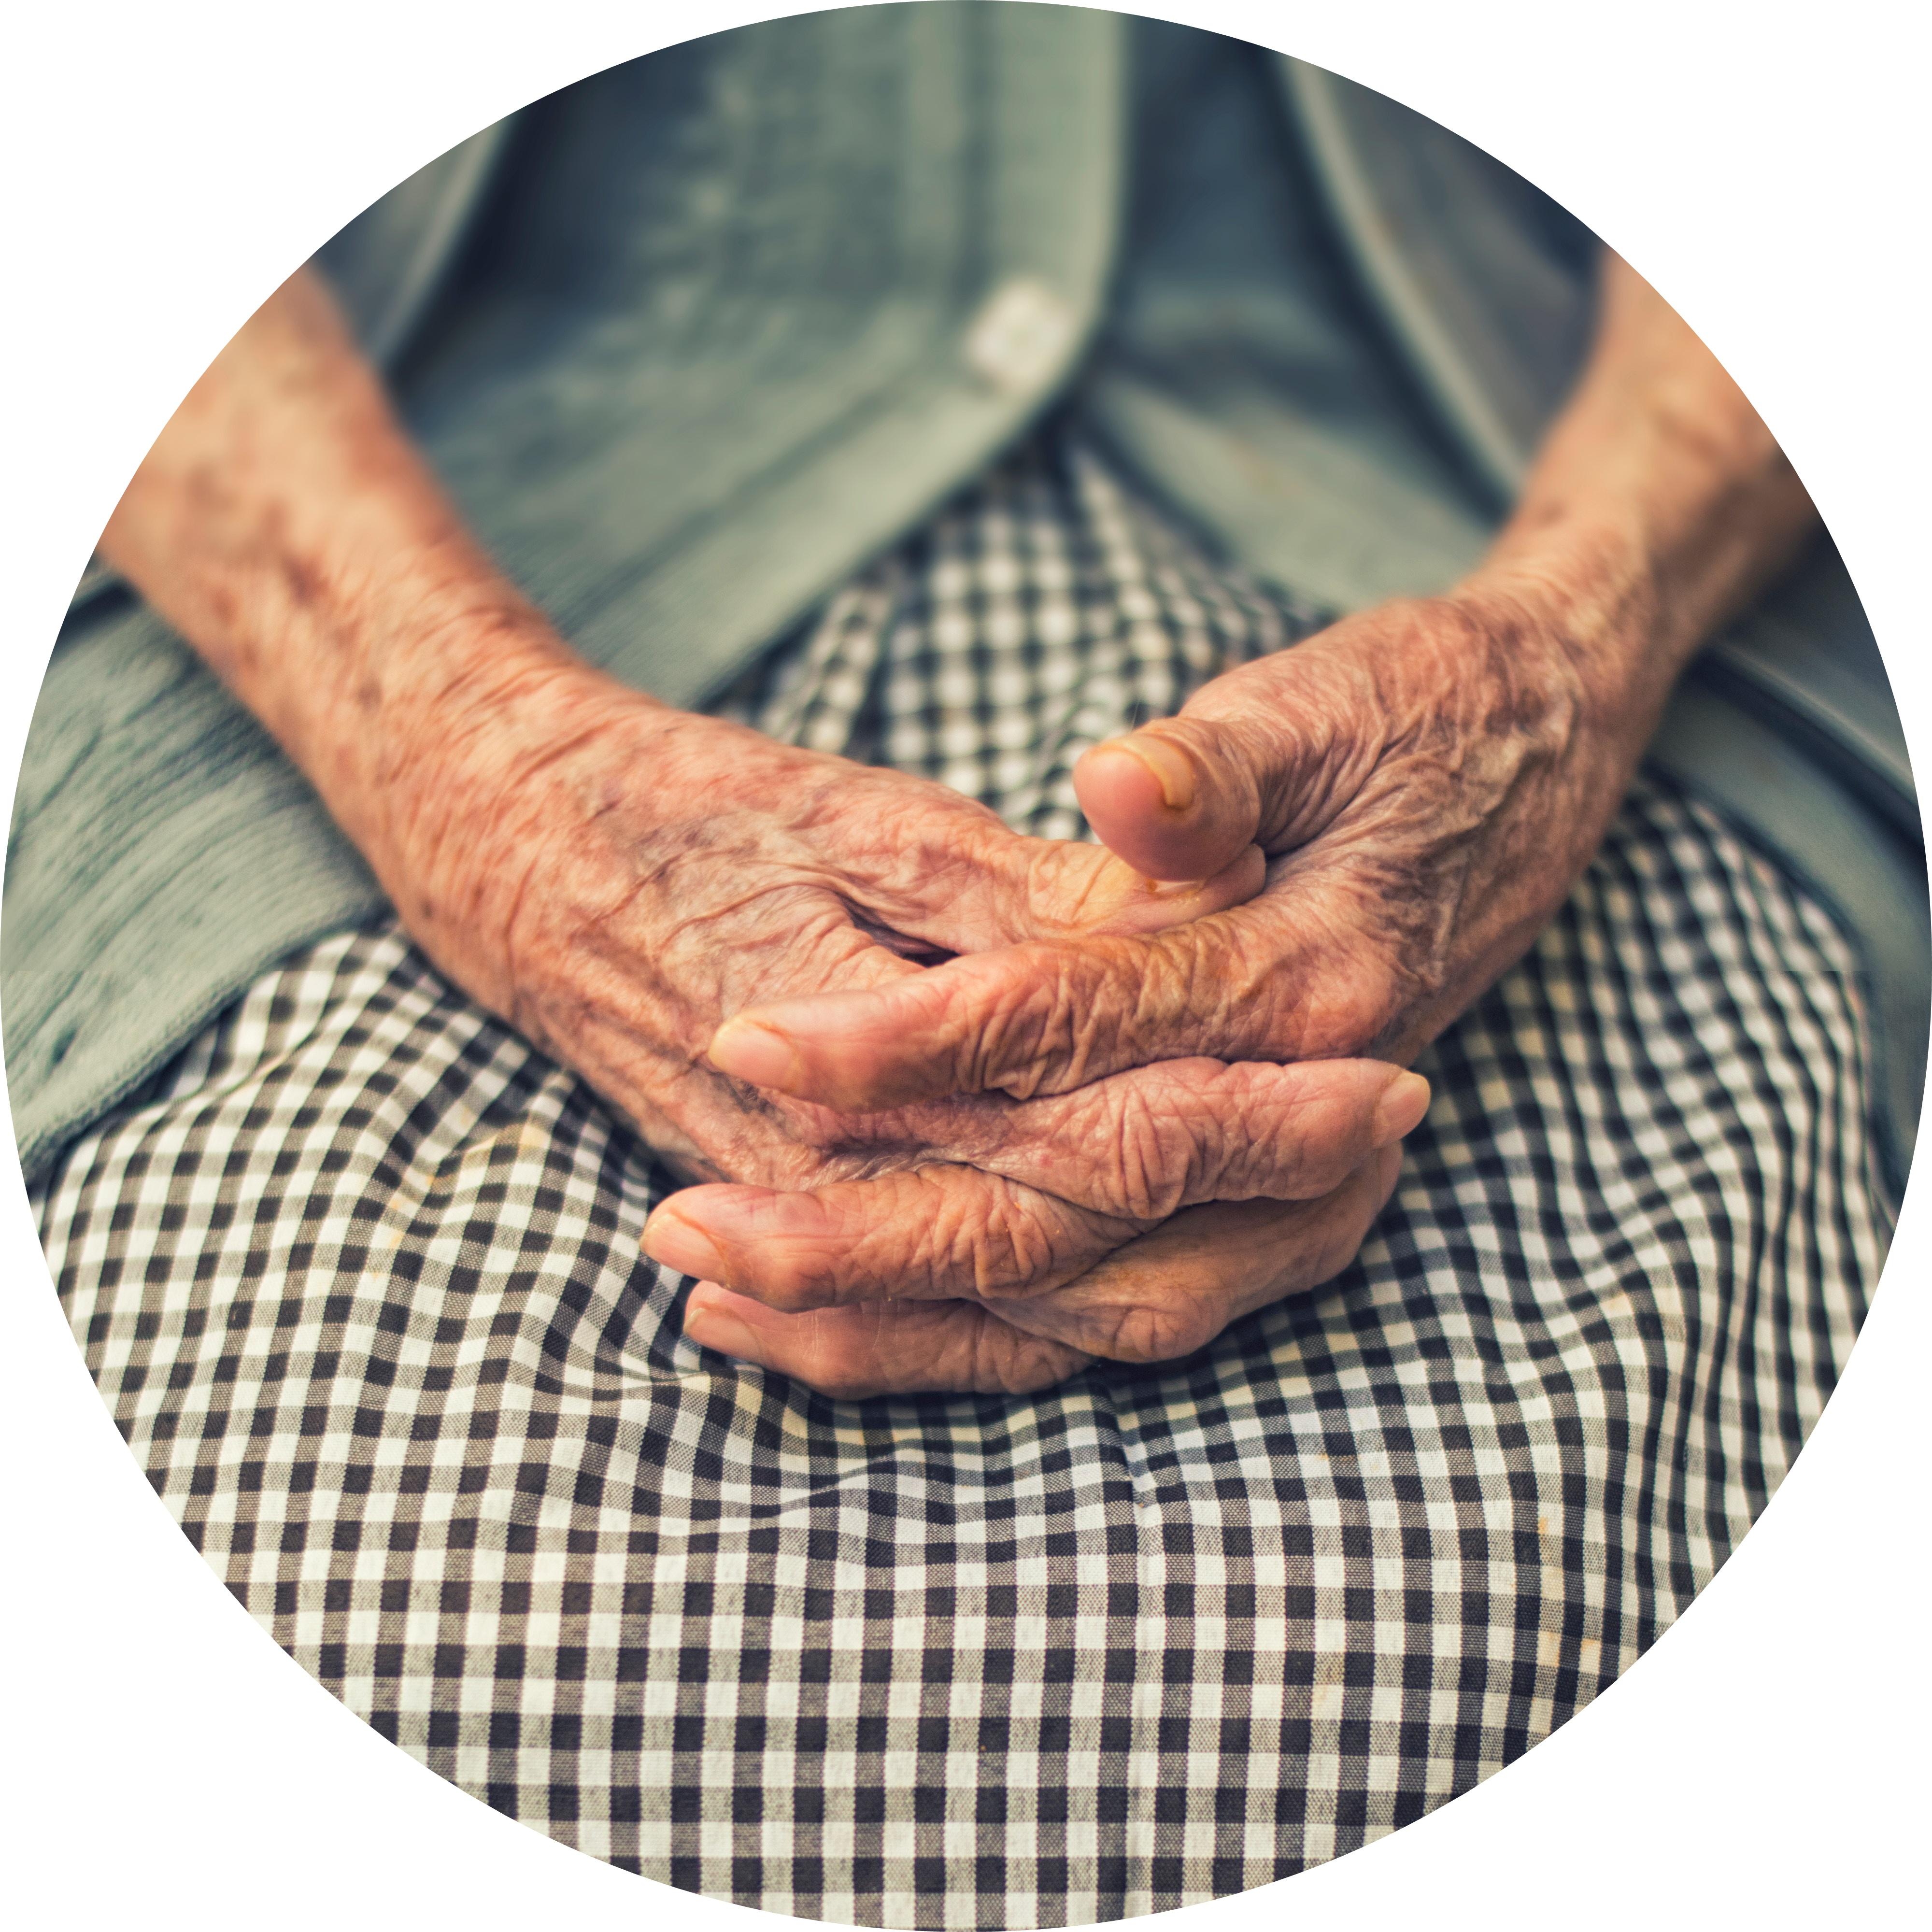 grandmother-hands